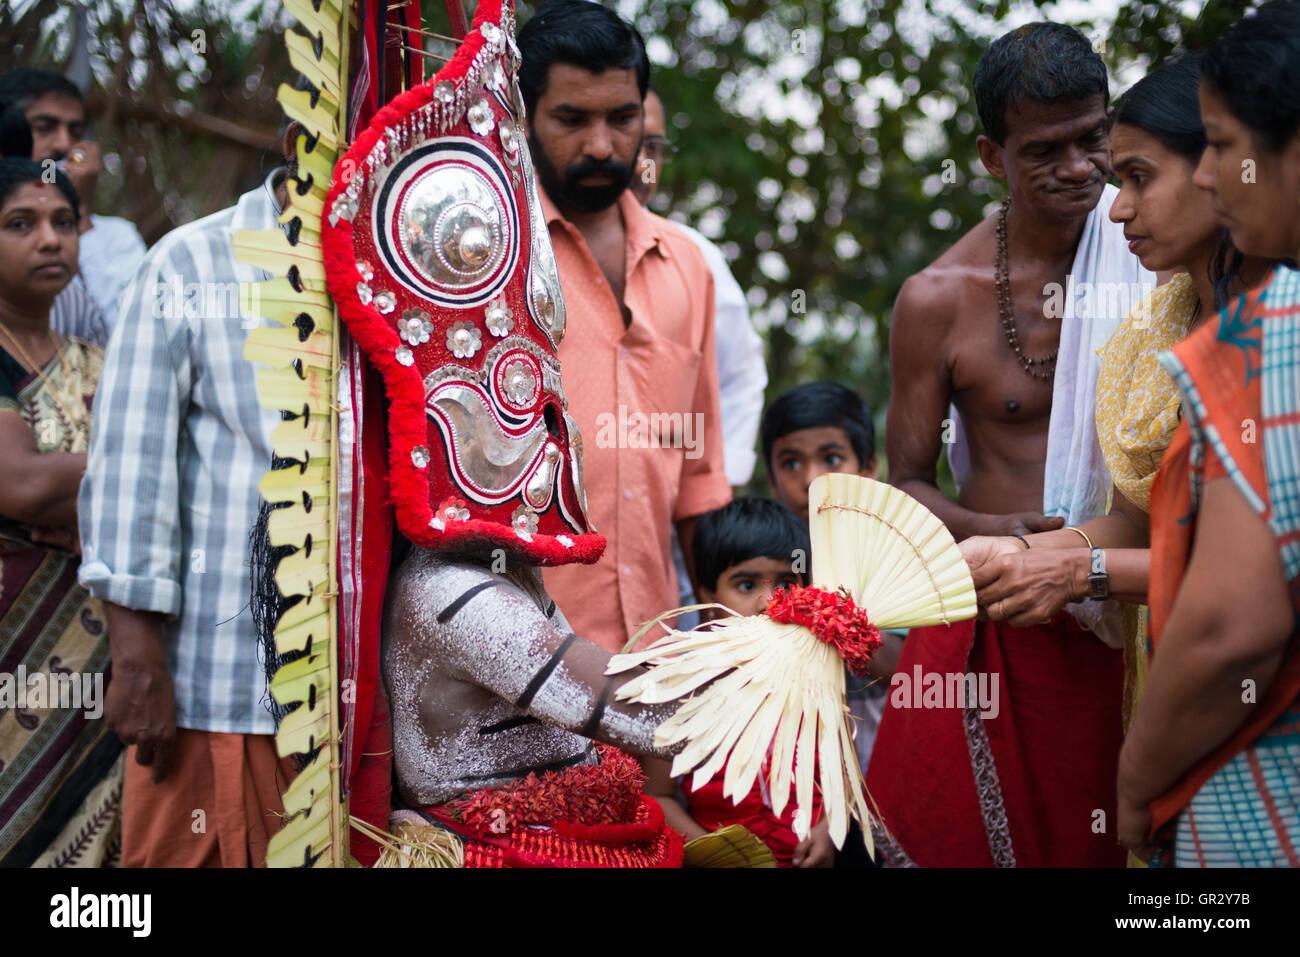 Kerala Dress Stock Photos & Kerala Dress Stock Images - Alamy